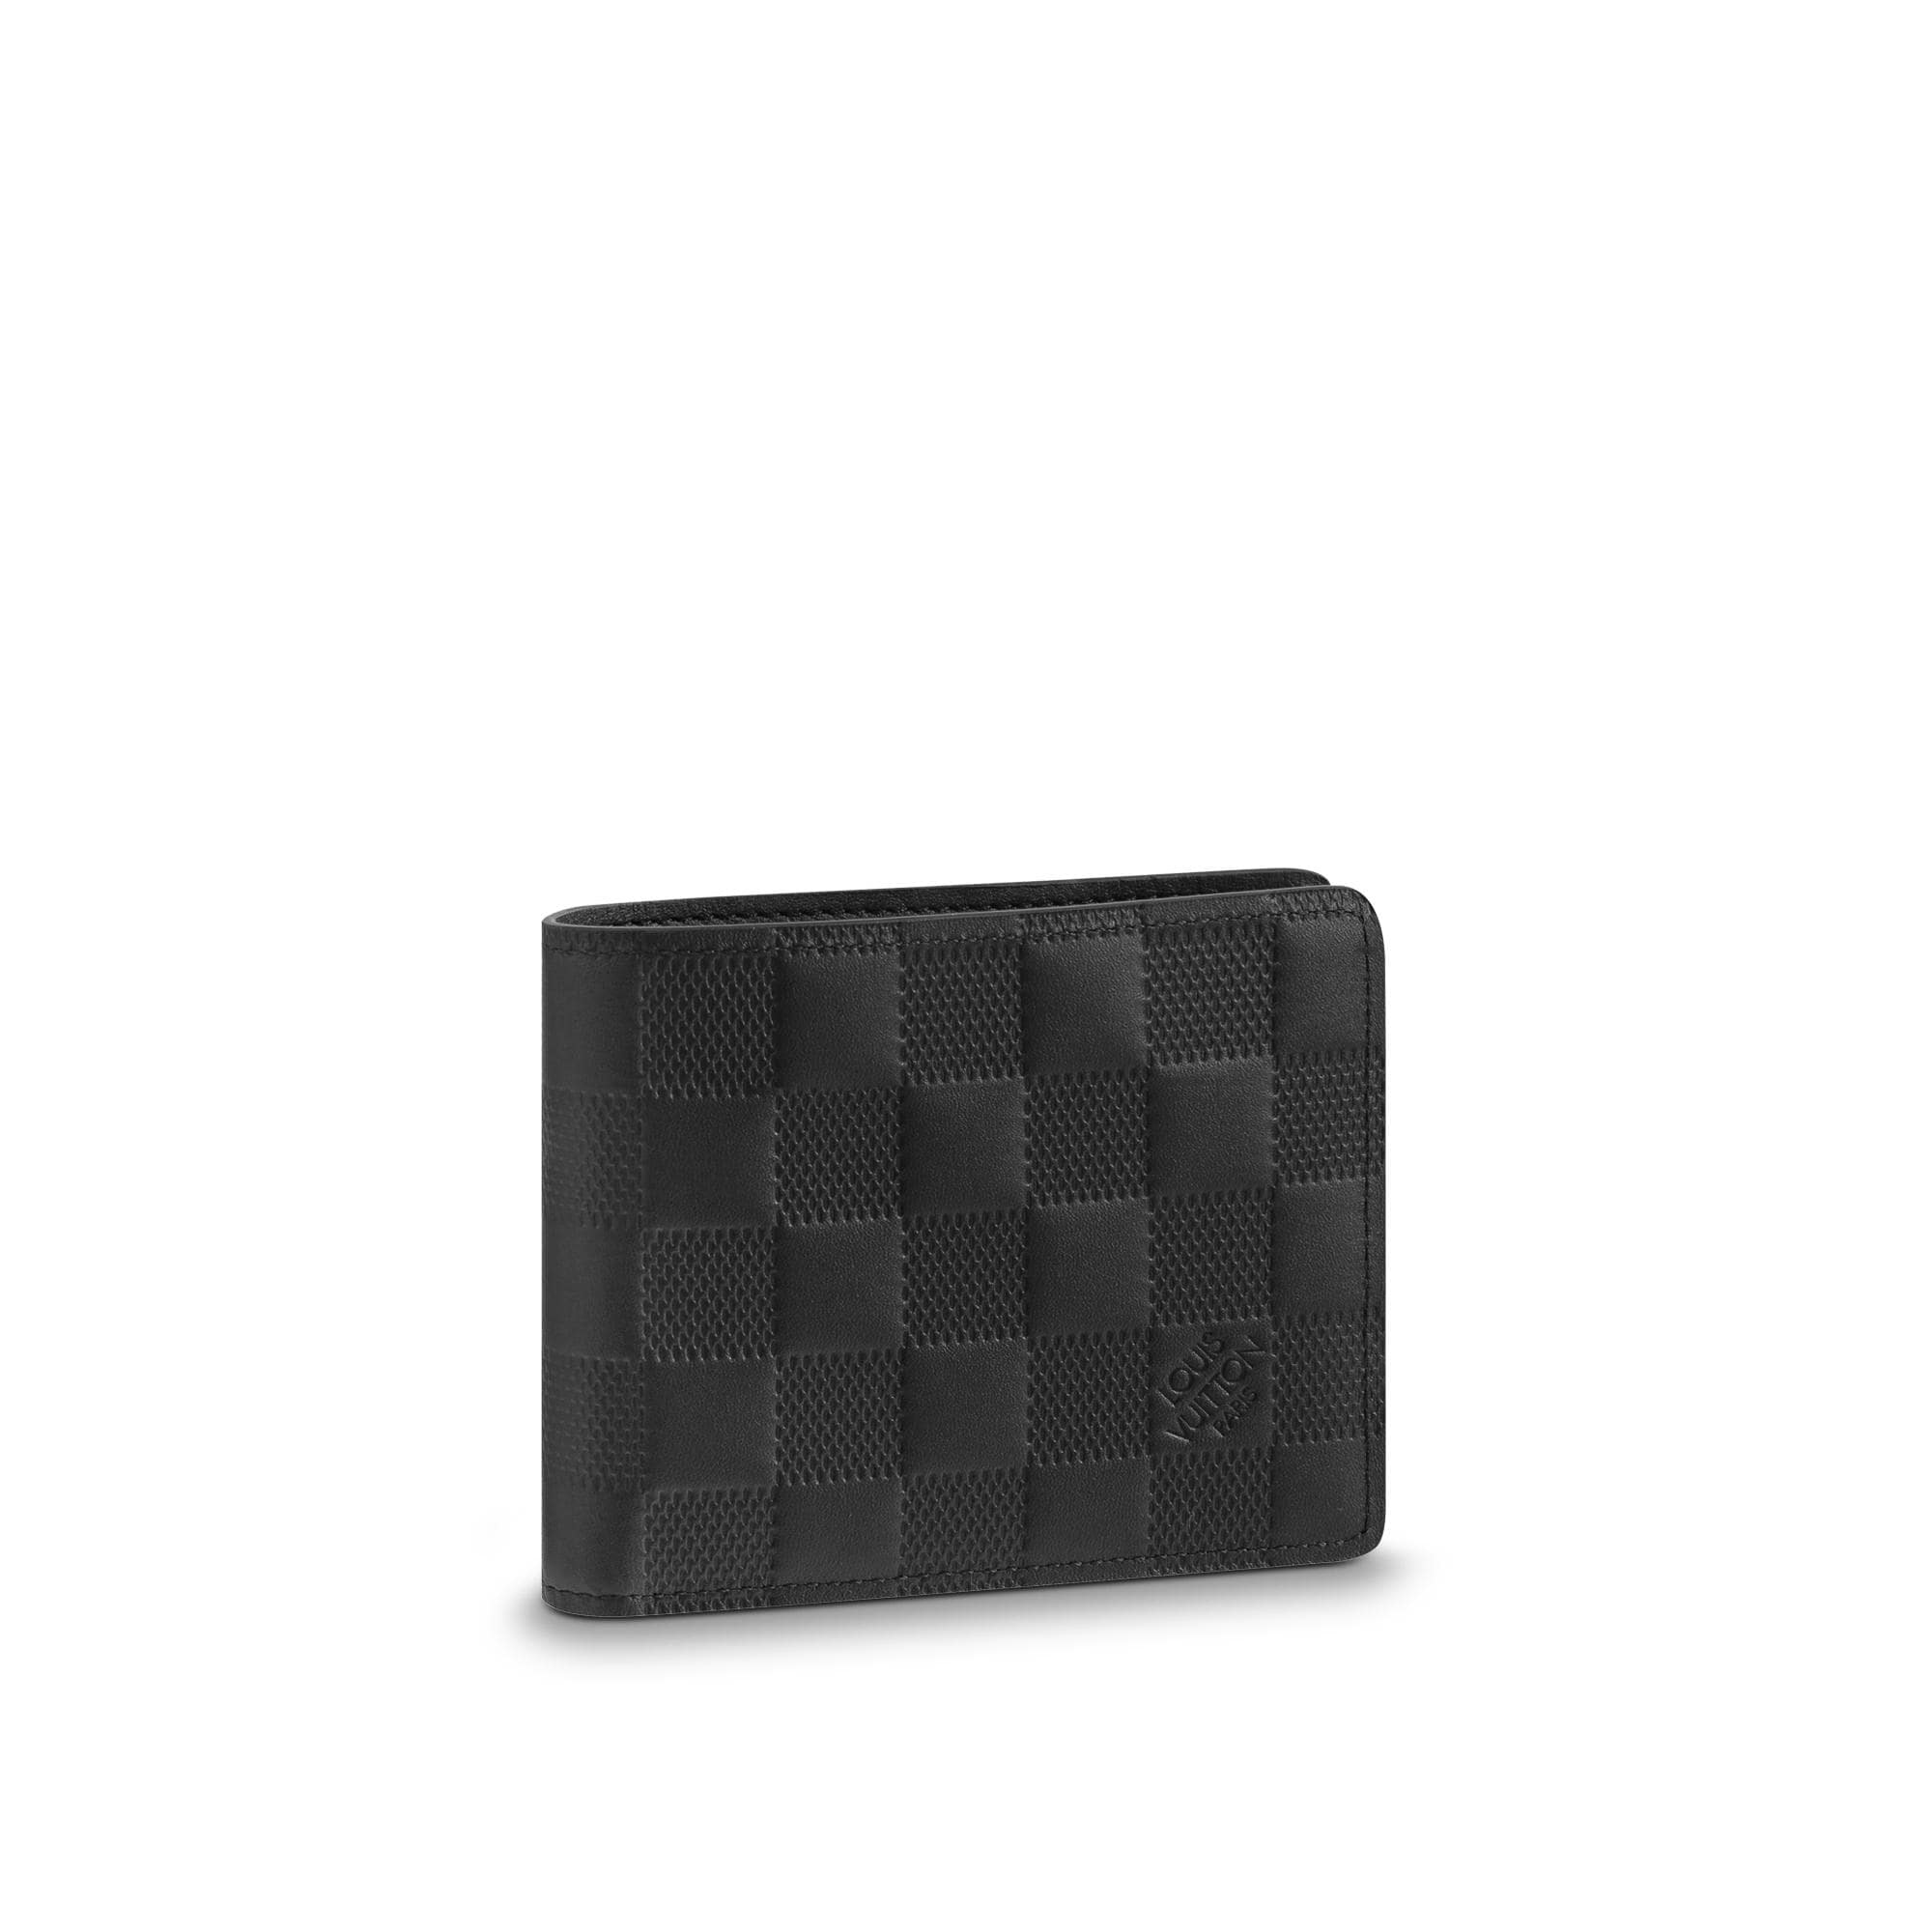 Louis Vuitton Slender Wallet Damier Infini Black